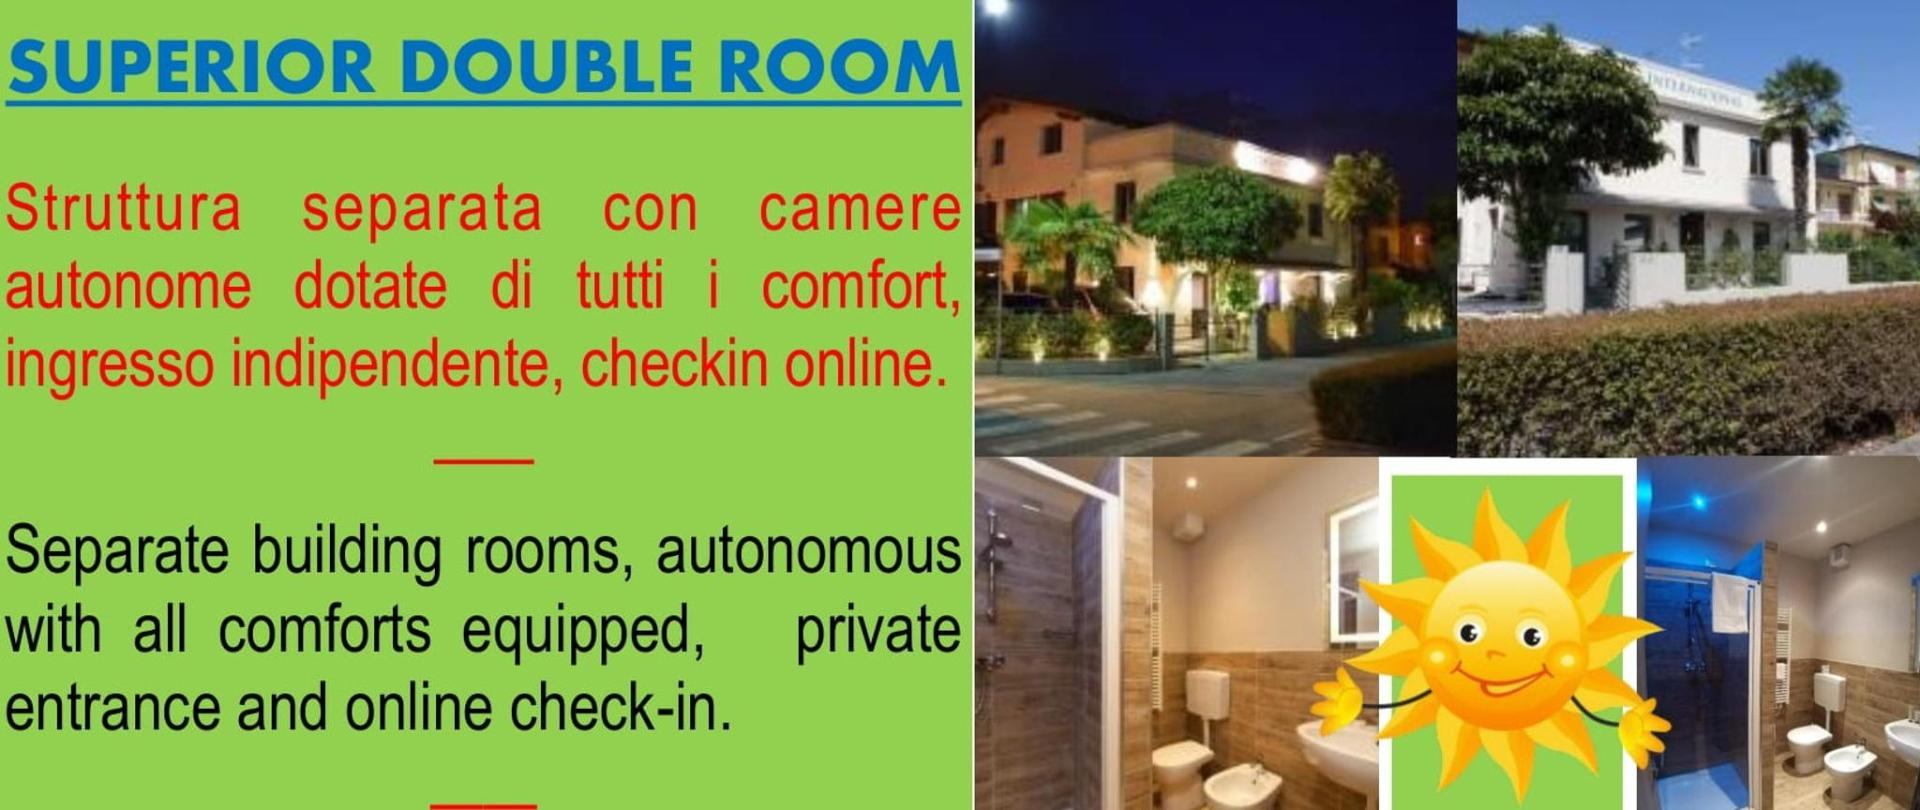 Avviso Superior doube room-1.jpg